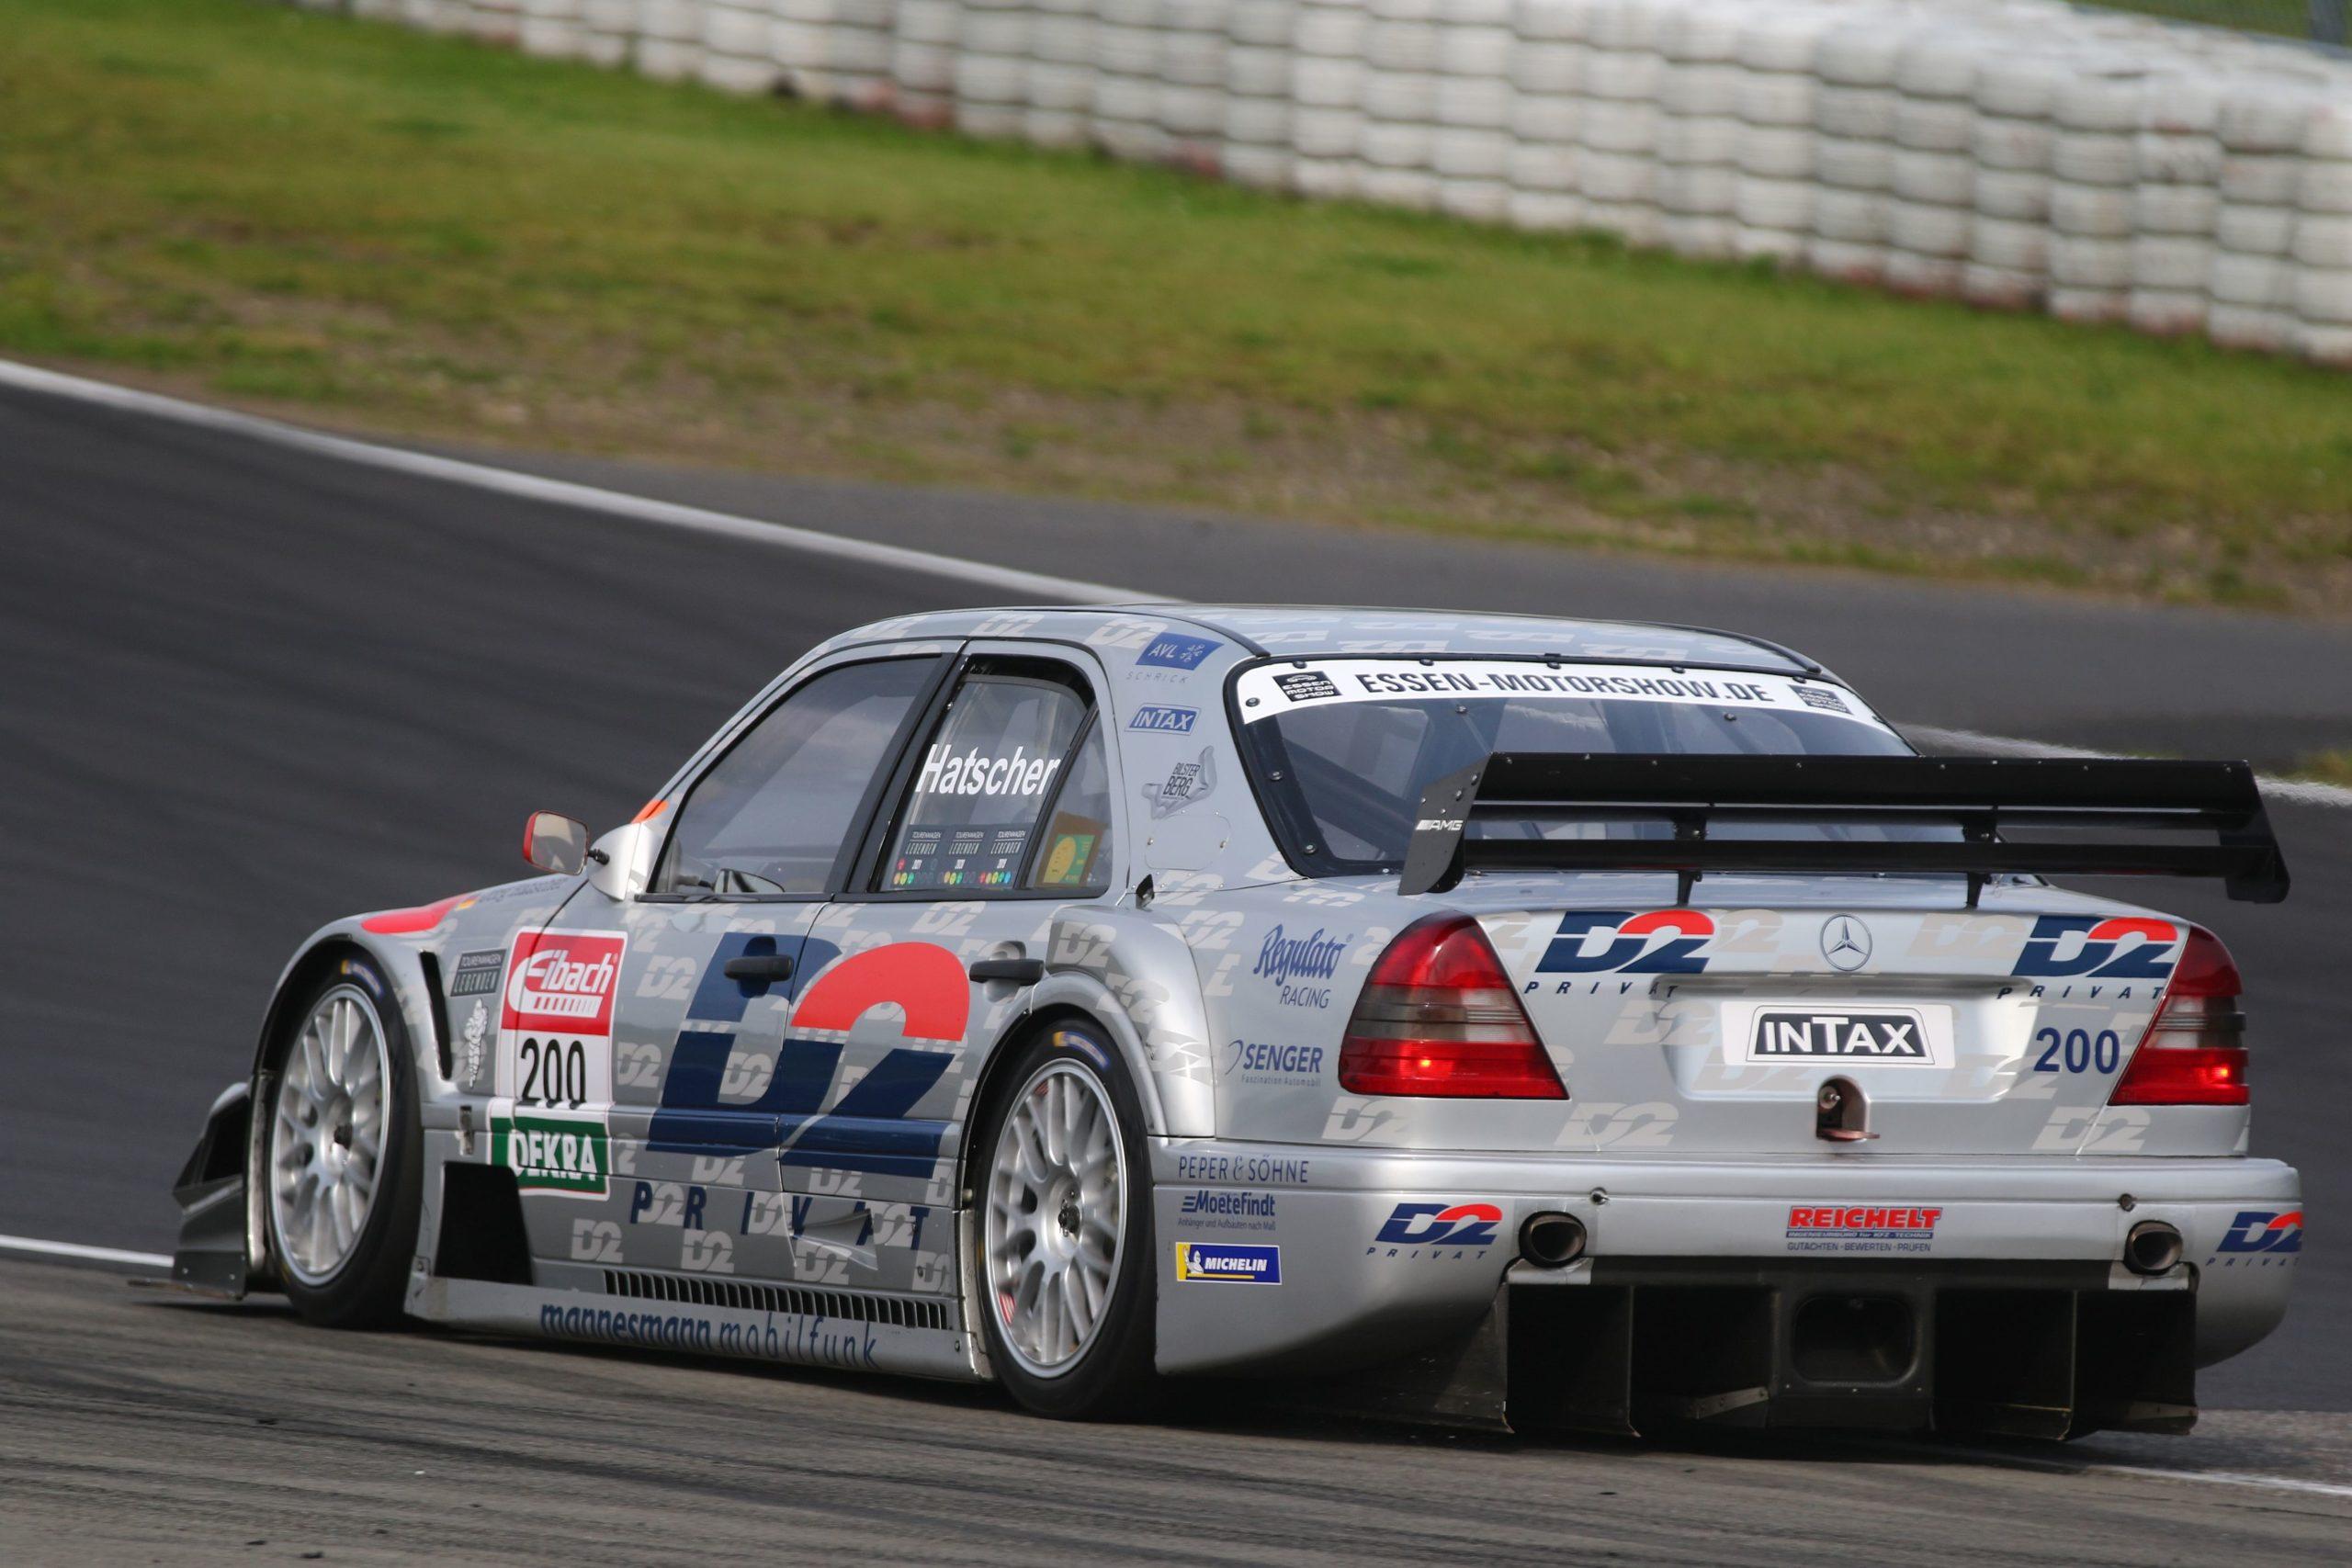 2021-DTM-Classic-Nuerburgring-tst-sport-und-technik-Mercedes-Benz-C-Klasse-Joerg-Hatscher-2116896